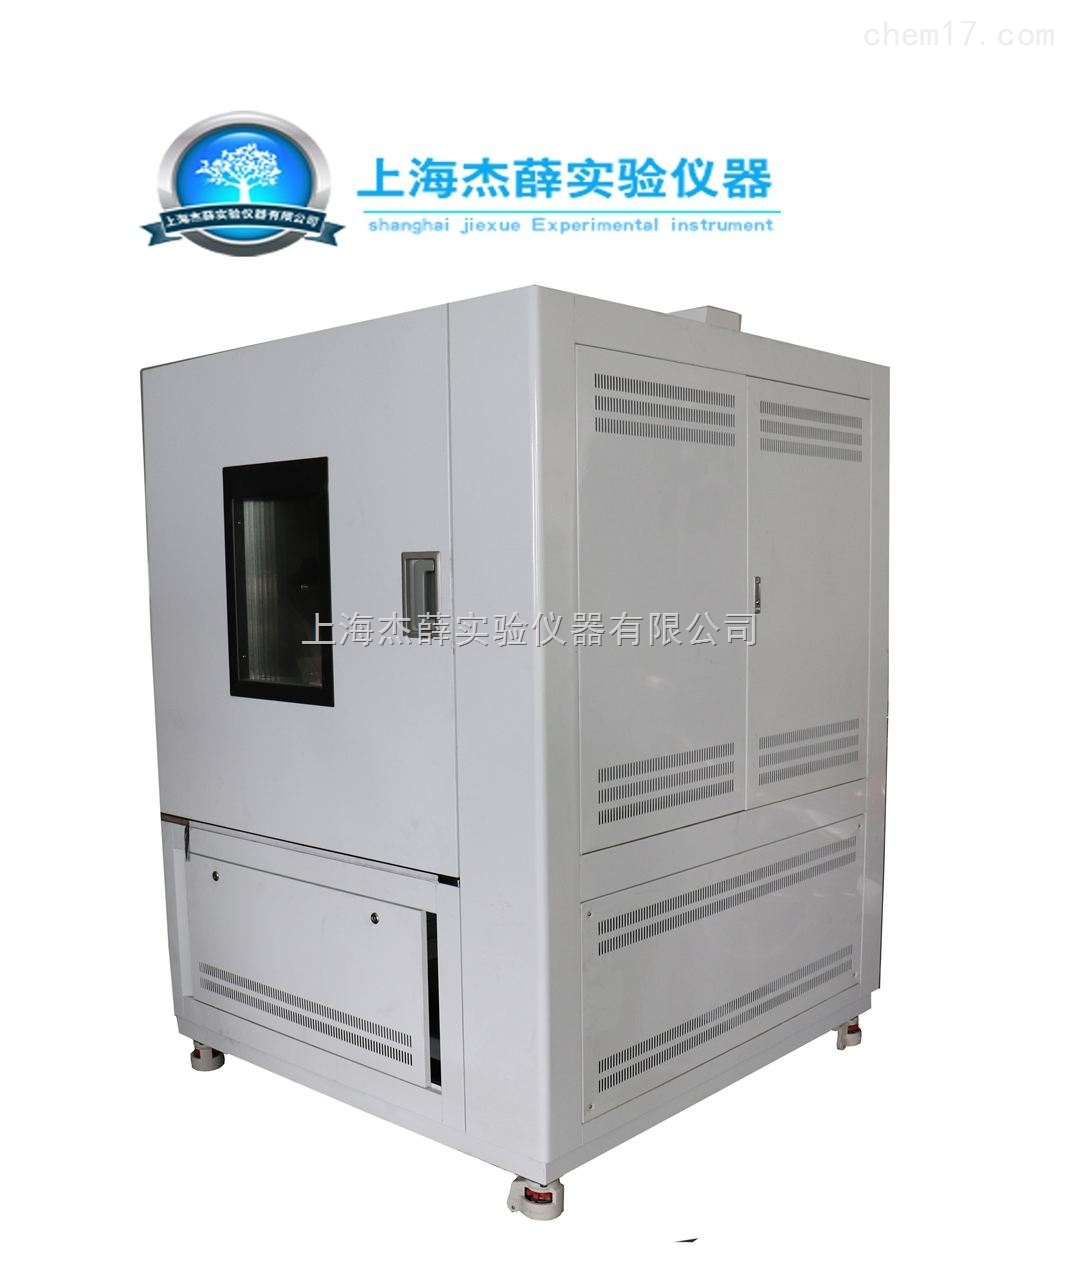 JXGW-定制型高温老化试验箱